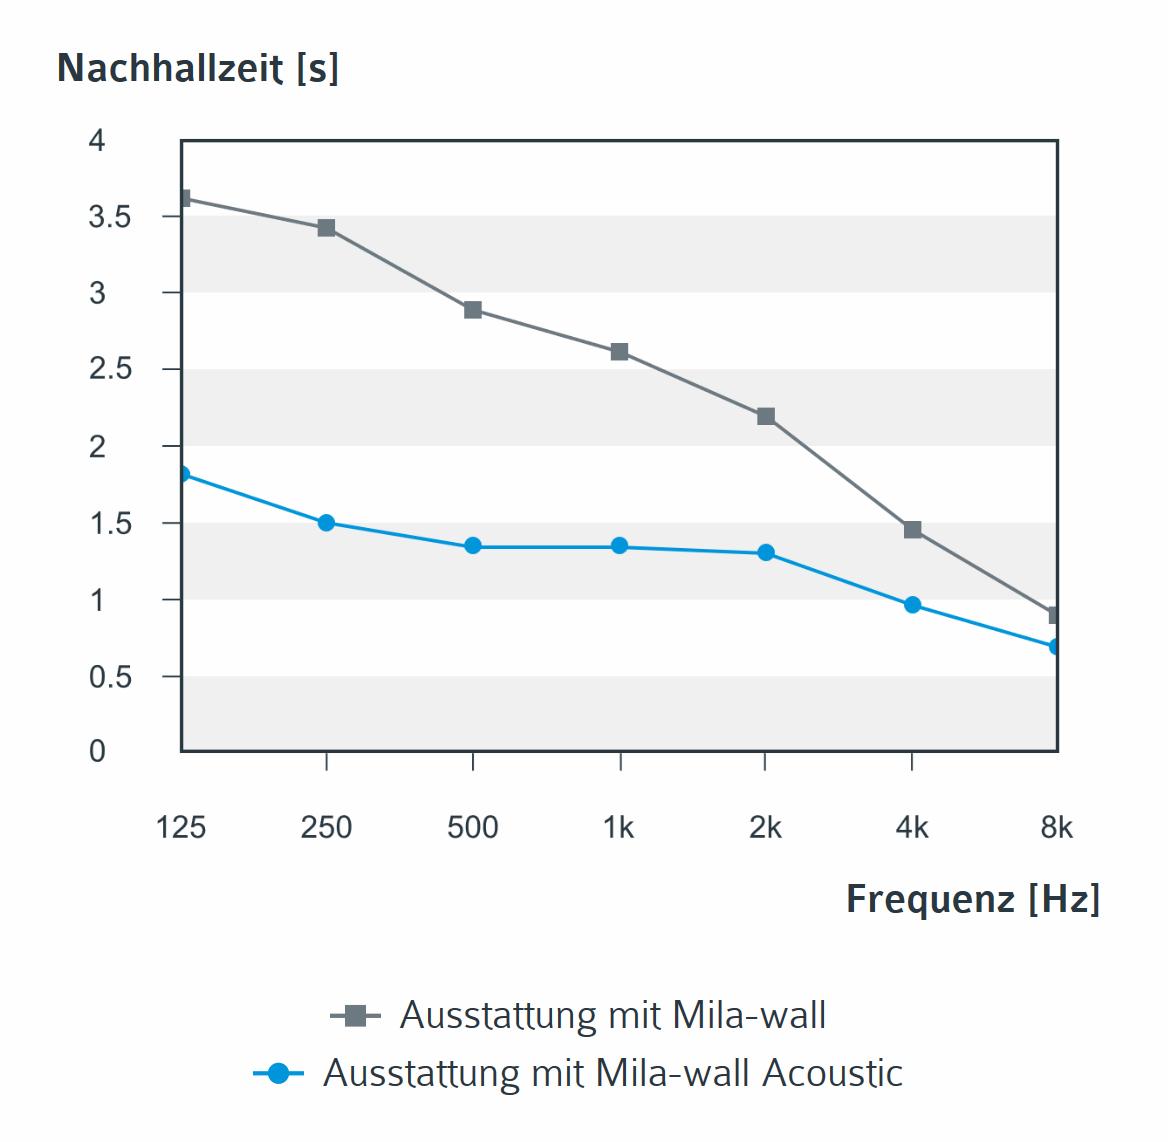 Diagramm zur Nachhallzeit beim Einsatz von Mila-wall und Mila-wall Acoustic